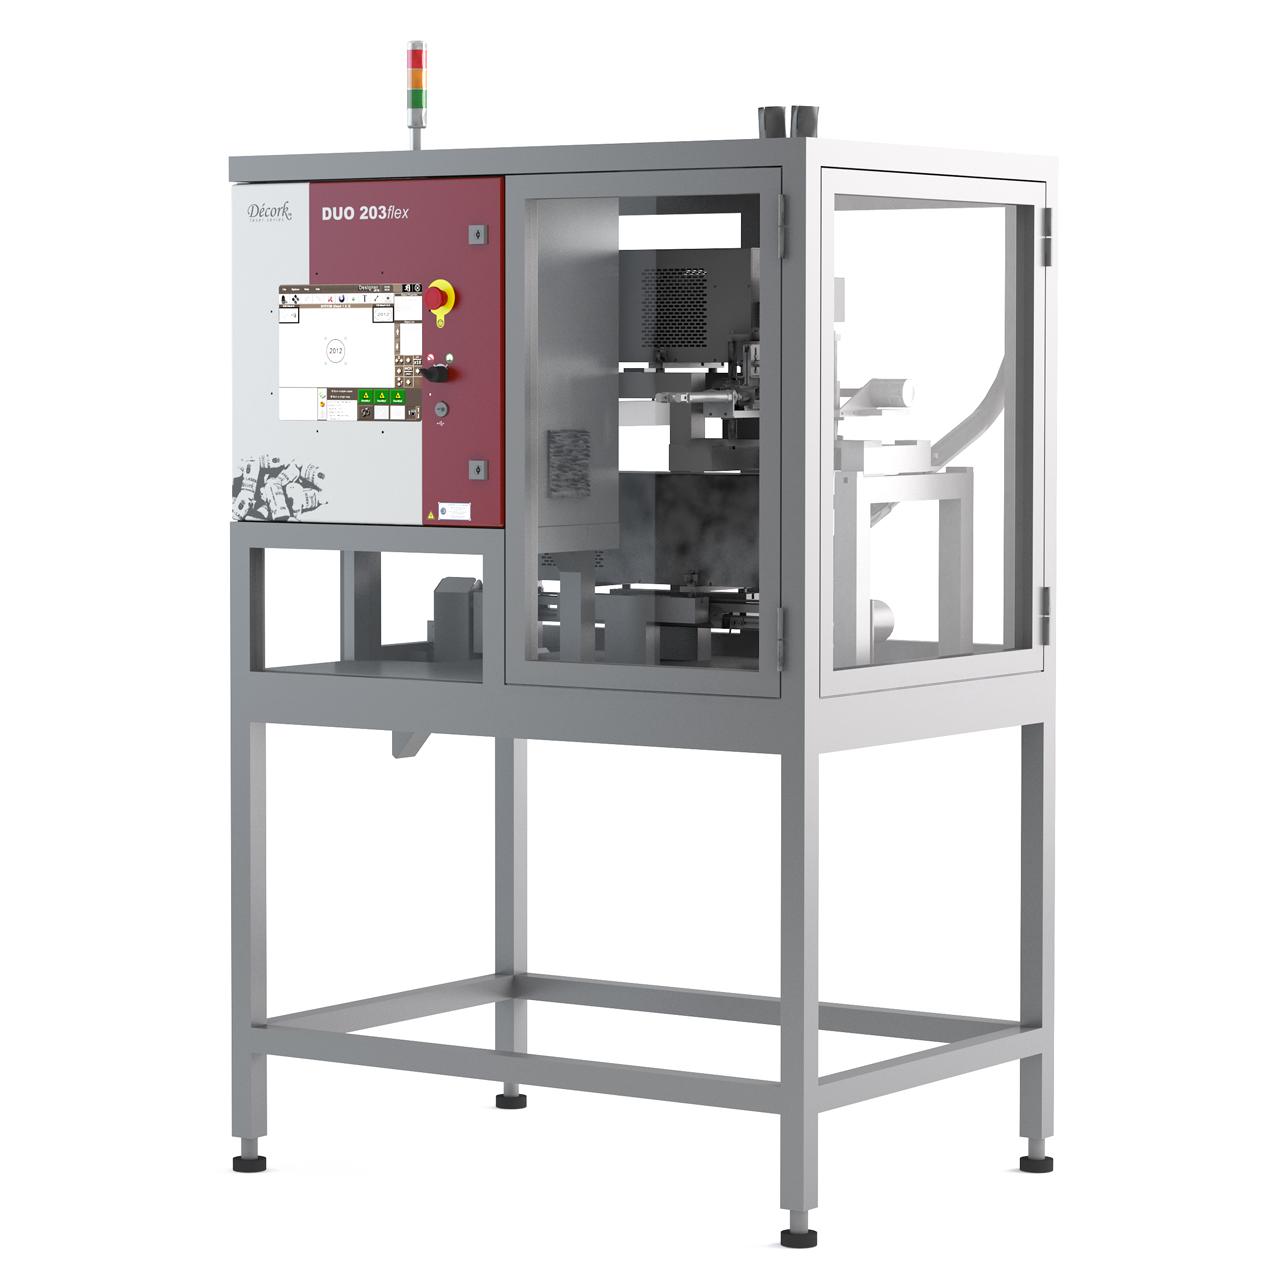 Décork DUO 203 flex Laser System